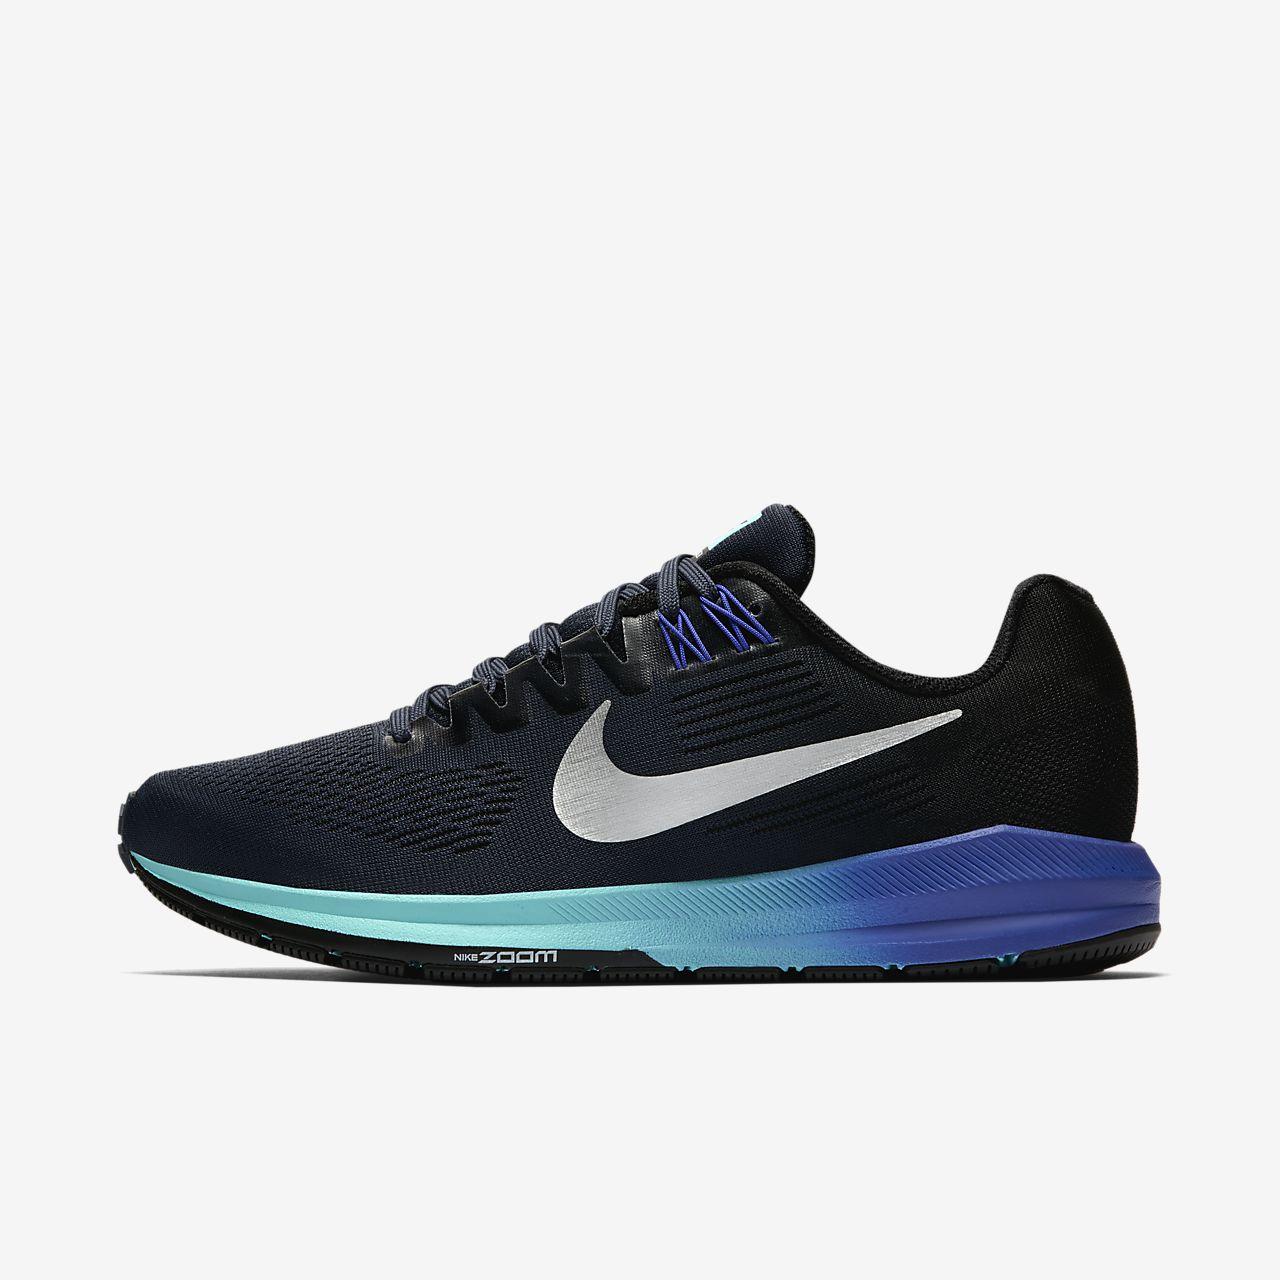 newest 43ed5 25112 ... Nike Air Zoom Structure 21 – løbesko til kvinder